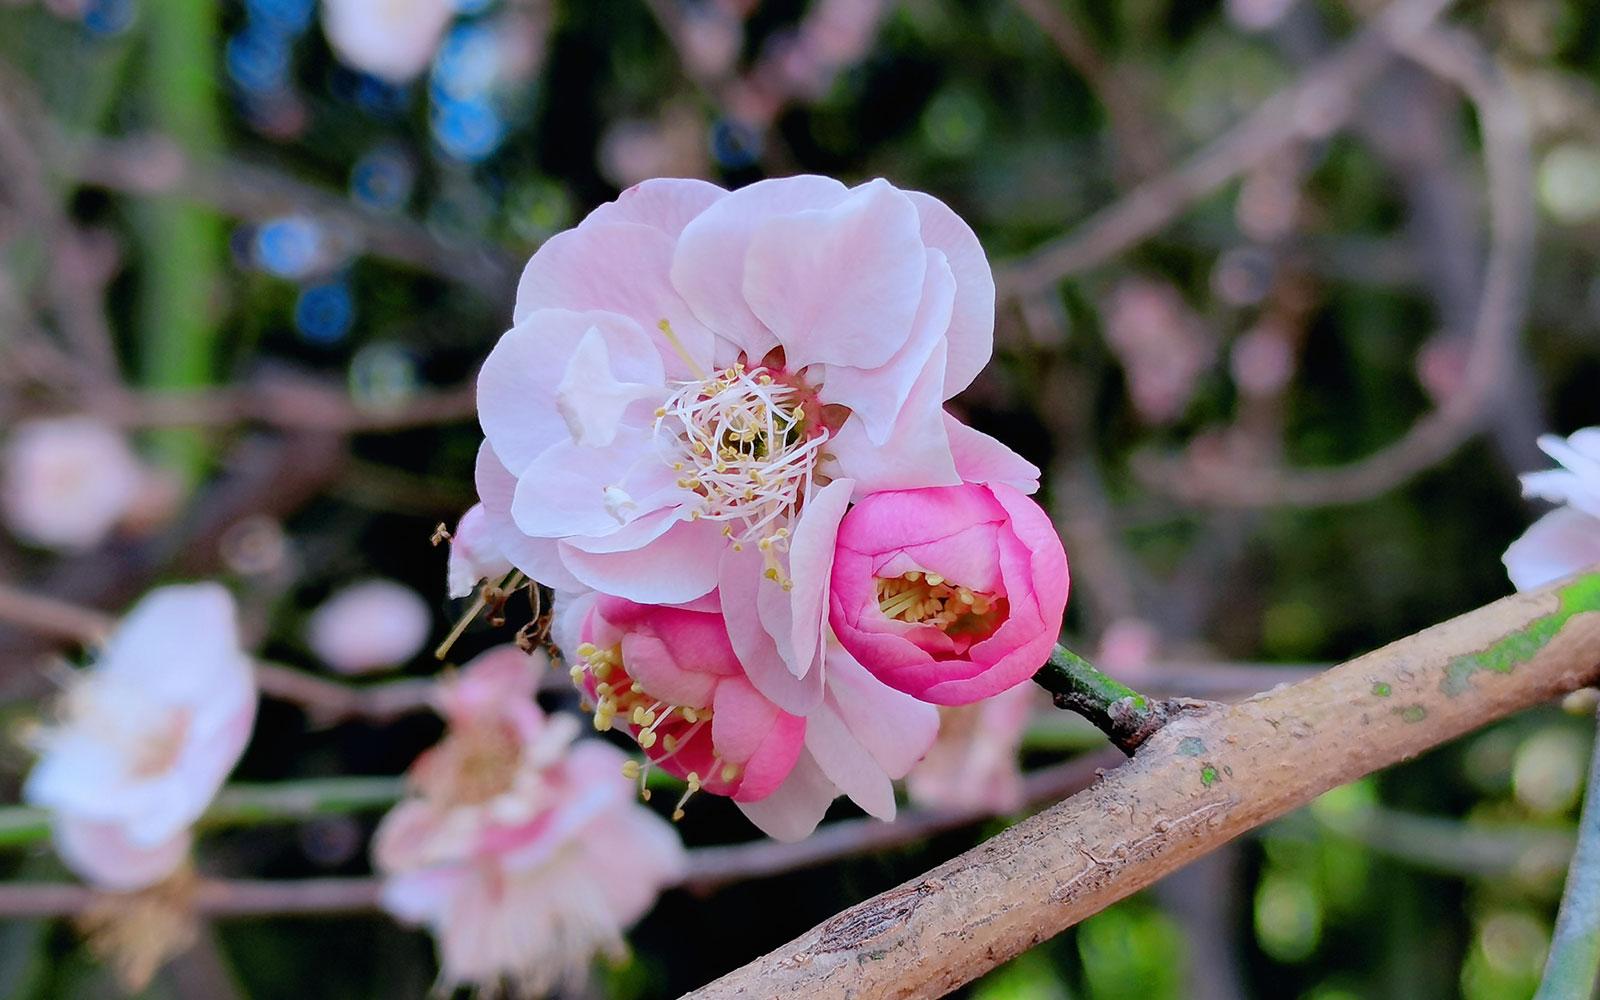 一花一世界——大慈恩寺里的春色繁影